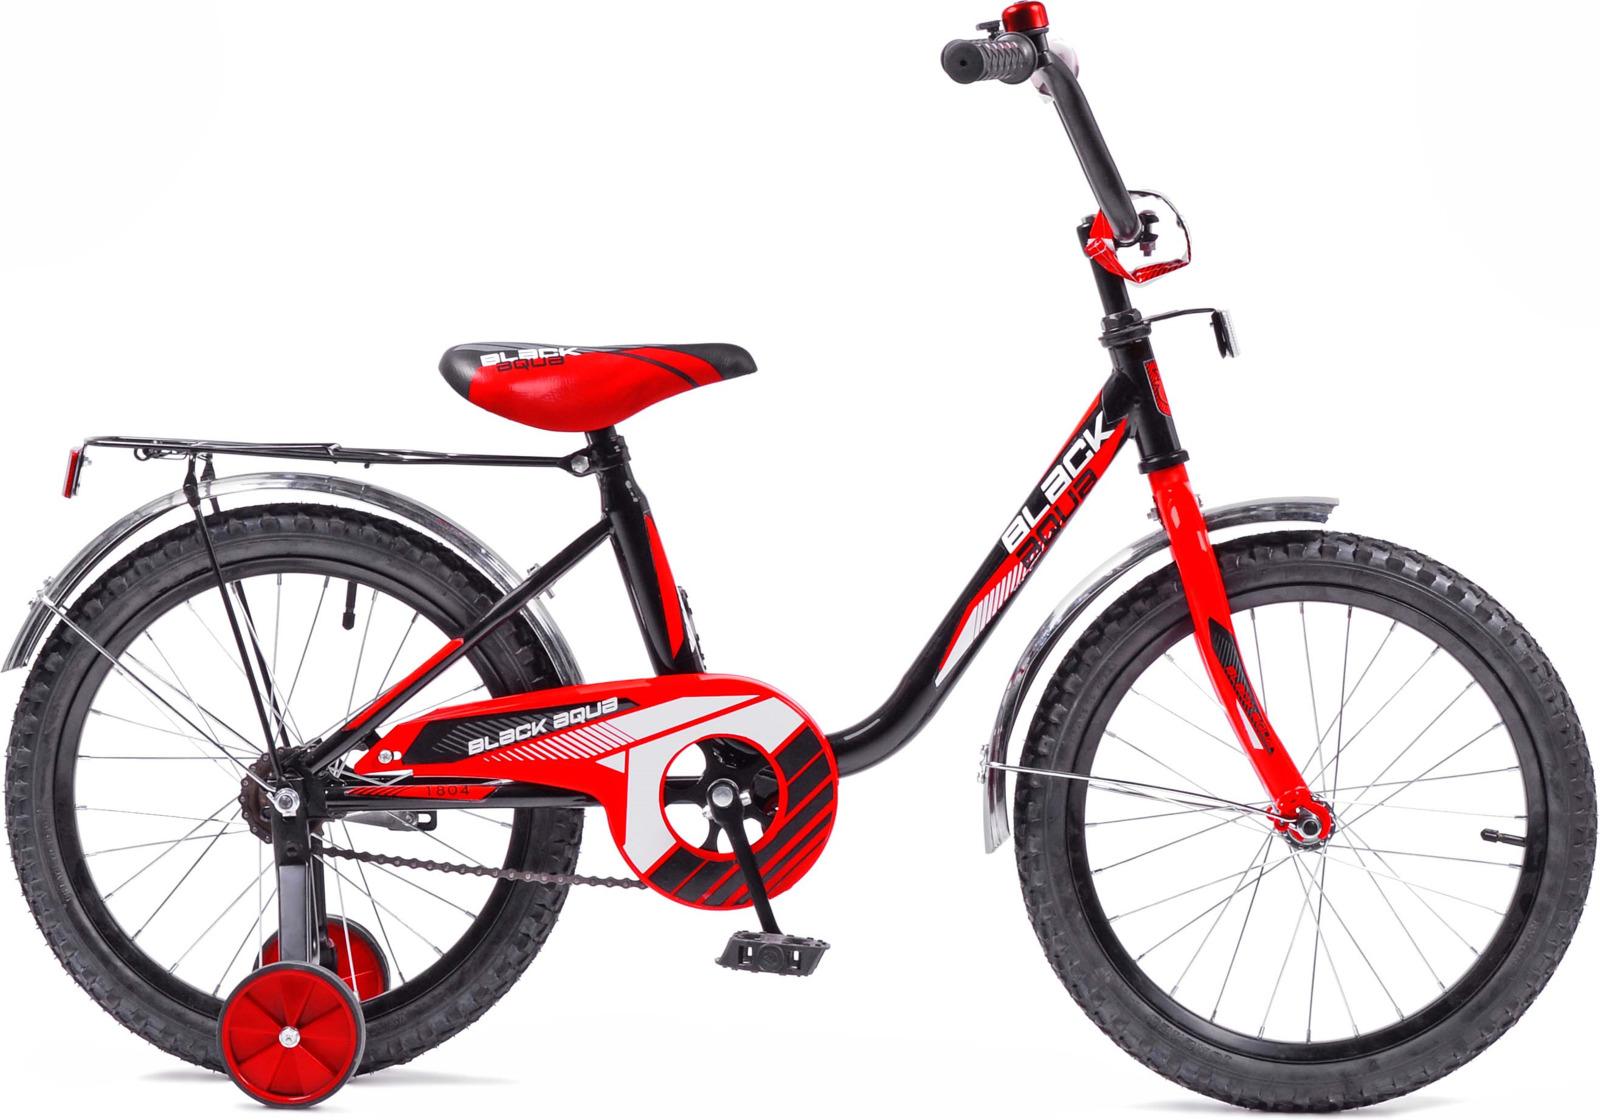 Велосипед детский Black Aqua, DK-2004, колесо 20, черный, красный